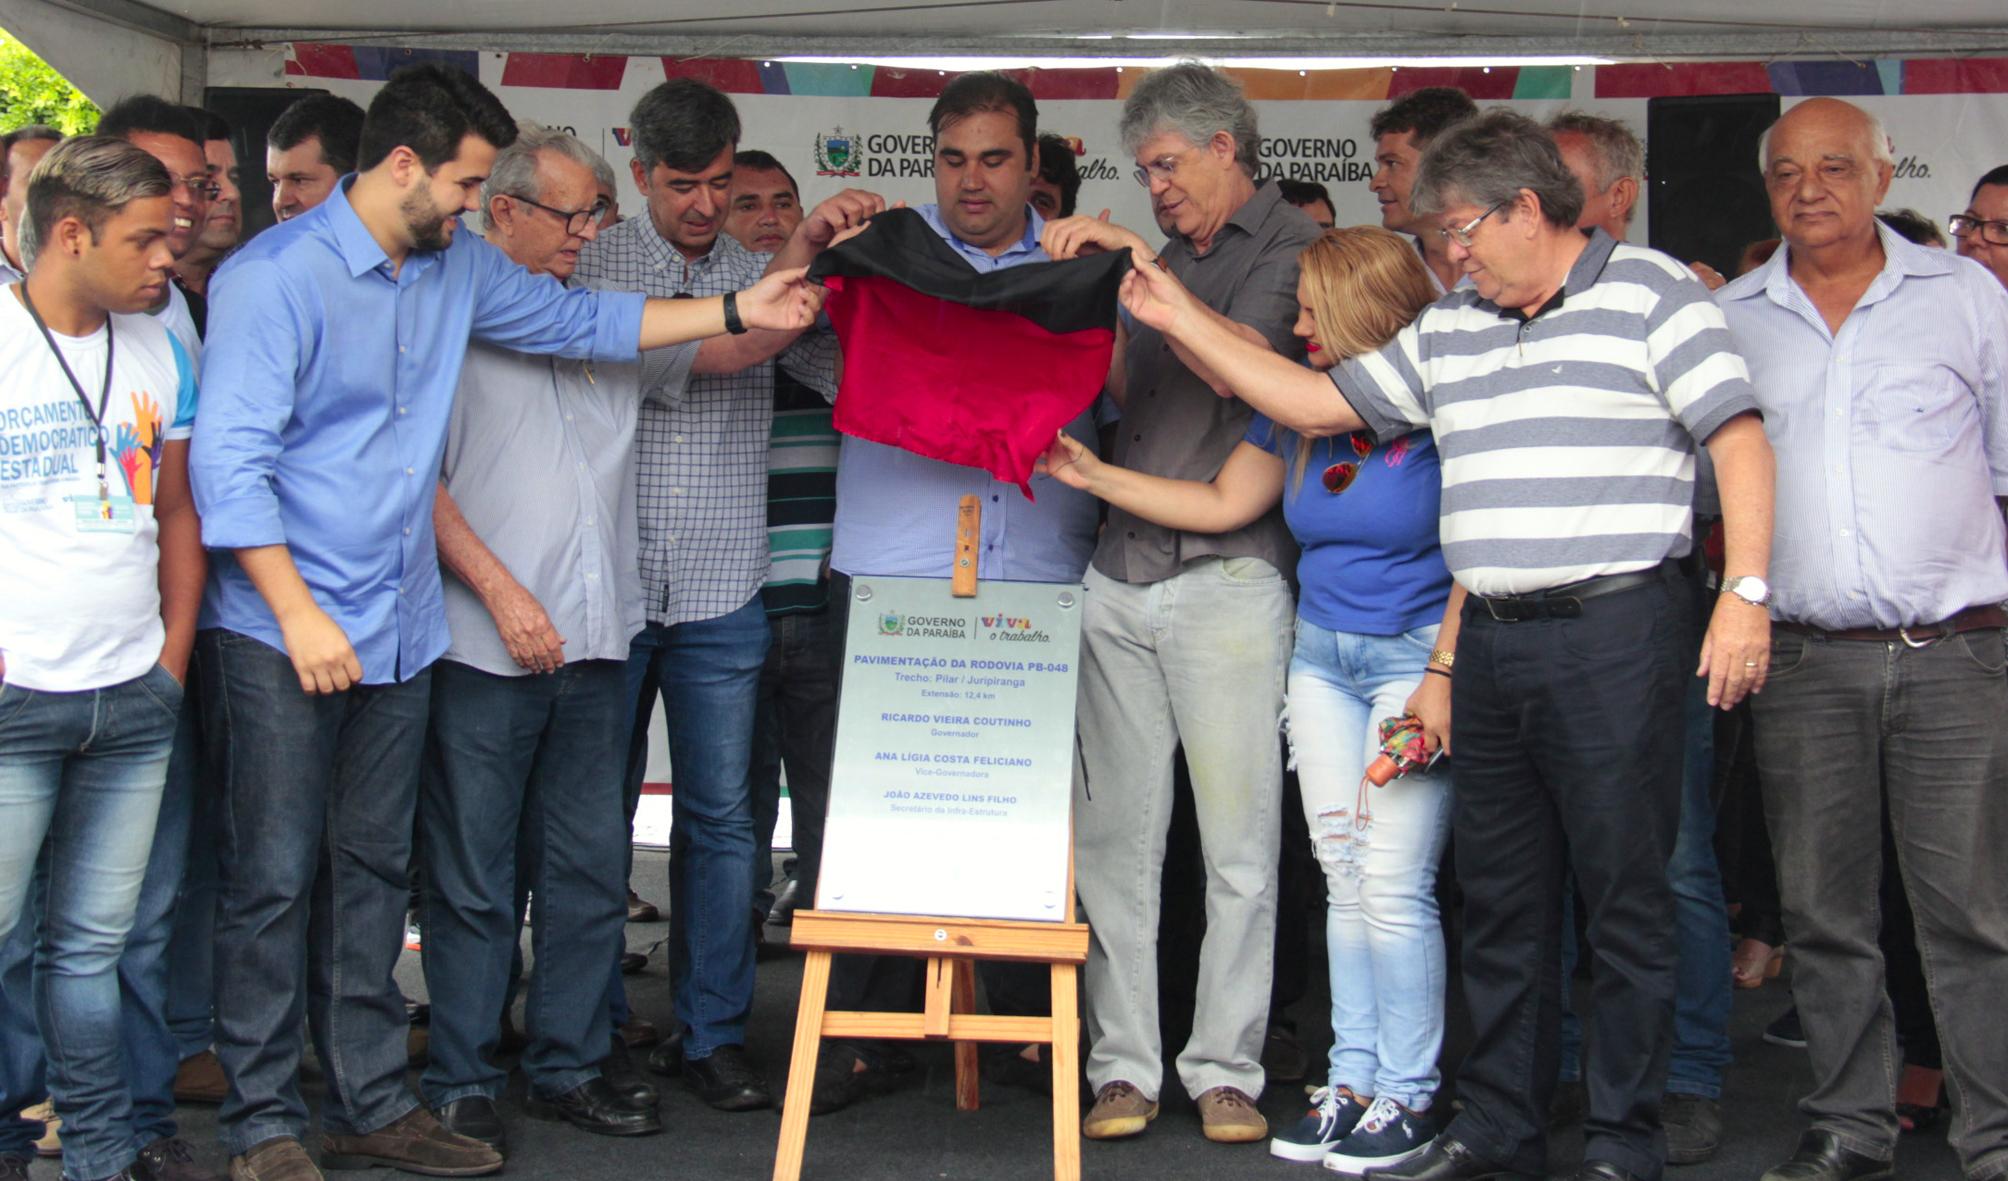 ricardo inaugura estrada pilar_foto jose marques (3)